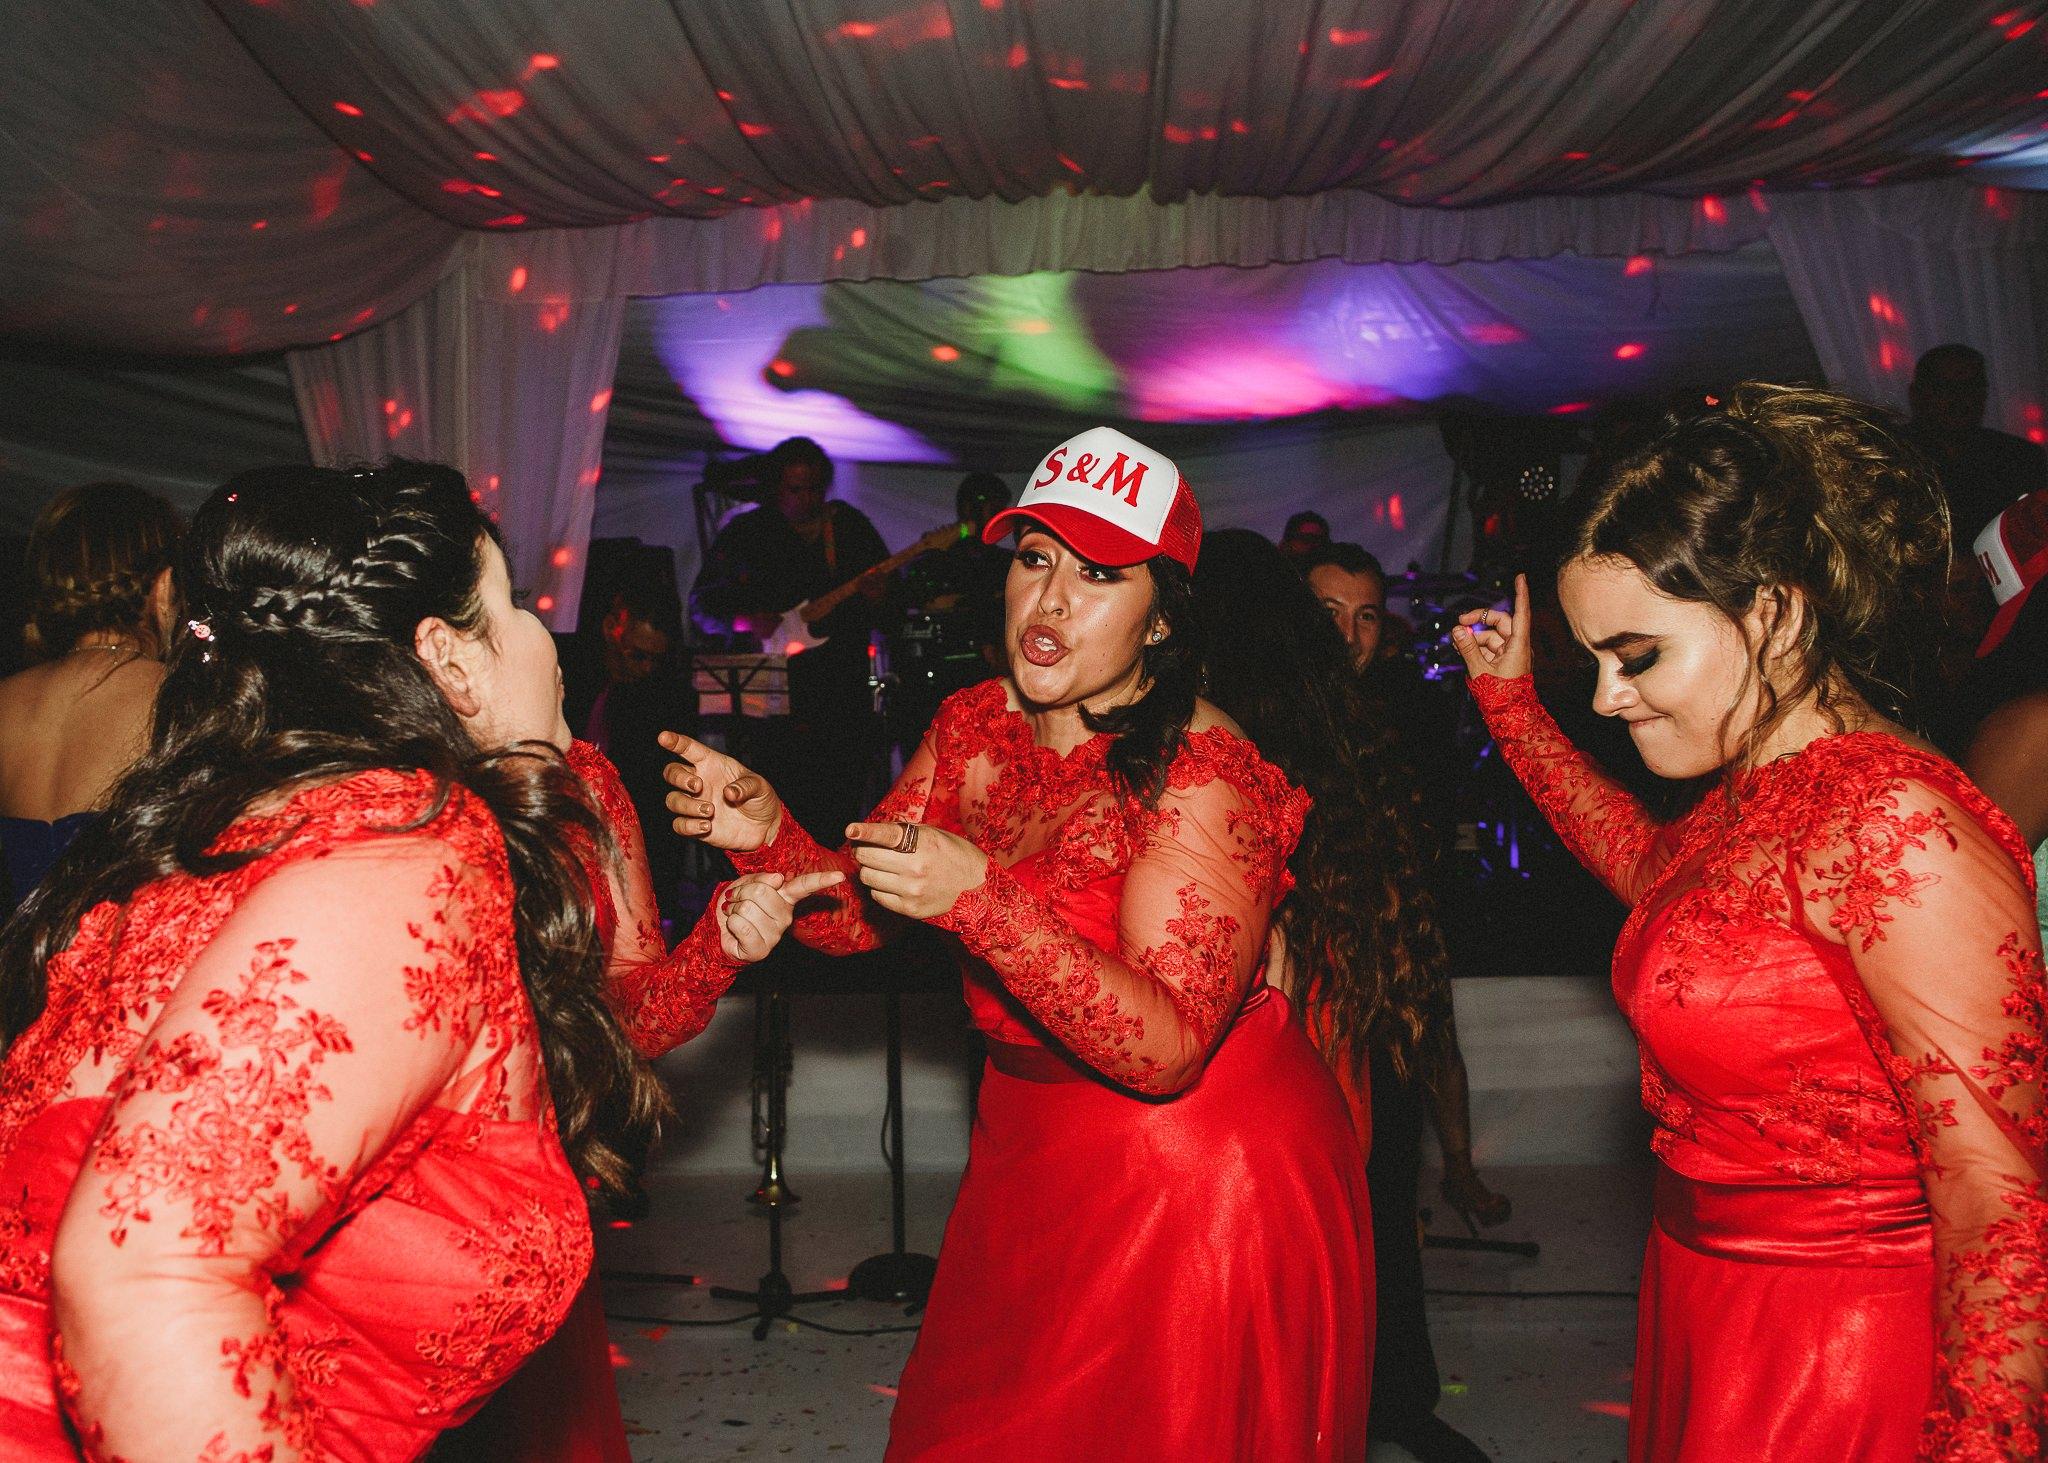 03boda-en-jardin-wedding-hacienda-los-cuartos-fotografo-luis-houdin145